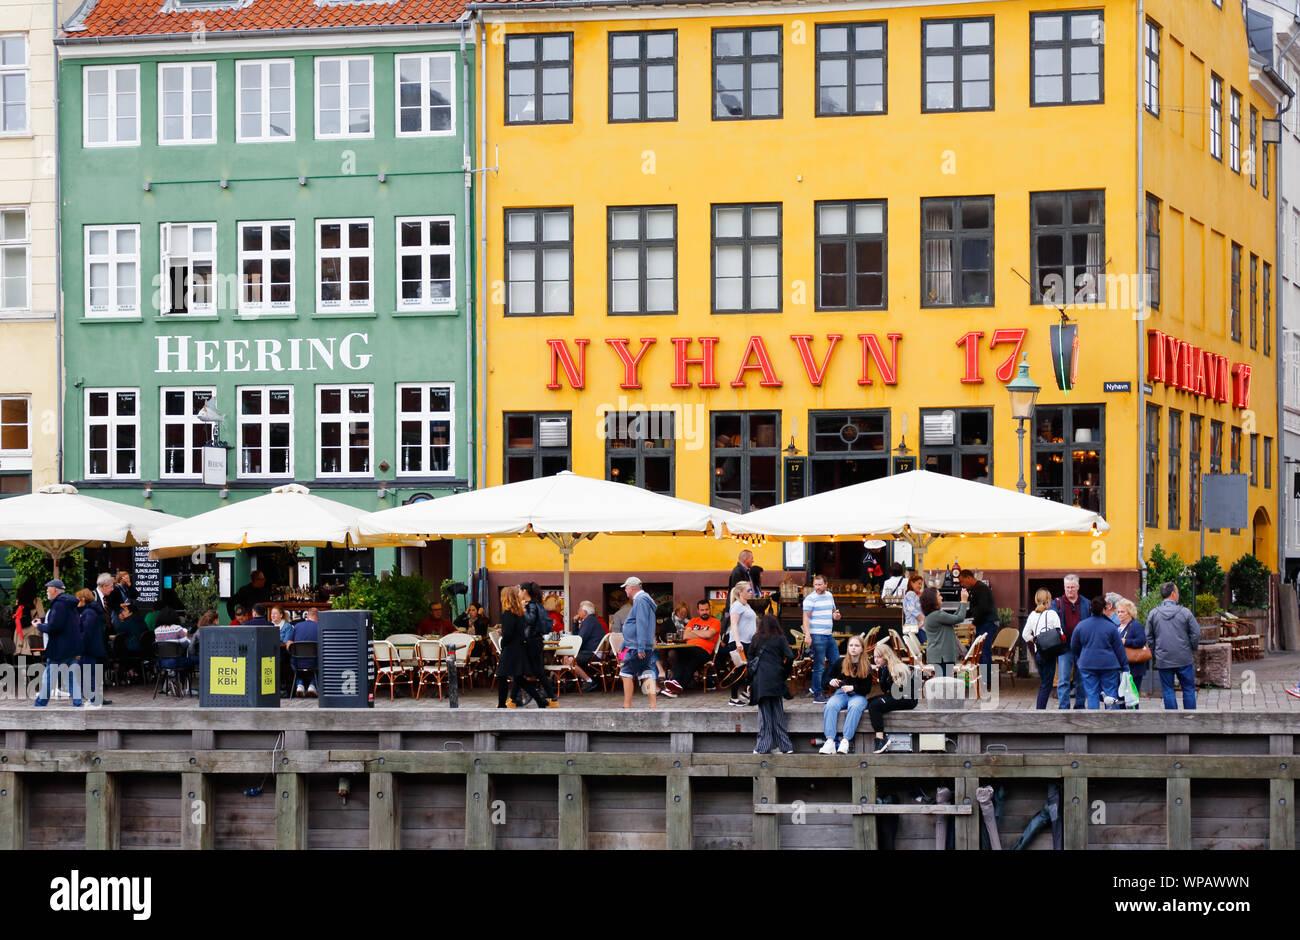 Copenhague, Dinamarca - 4 de septiembre de 2019: Edificios, restaurantes y gente en la calle Nyhavn. Foto de stock